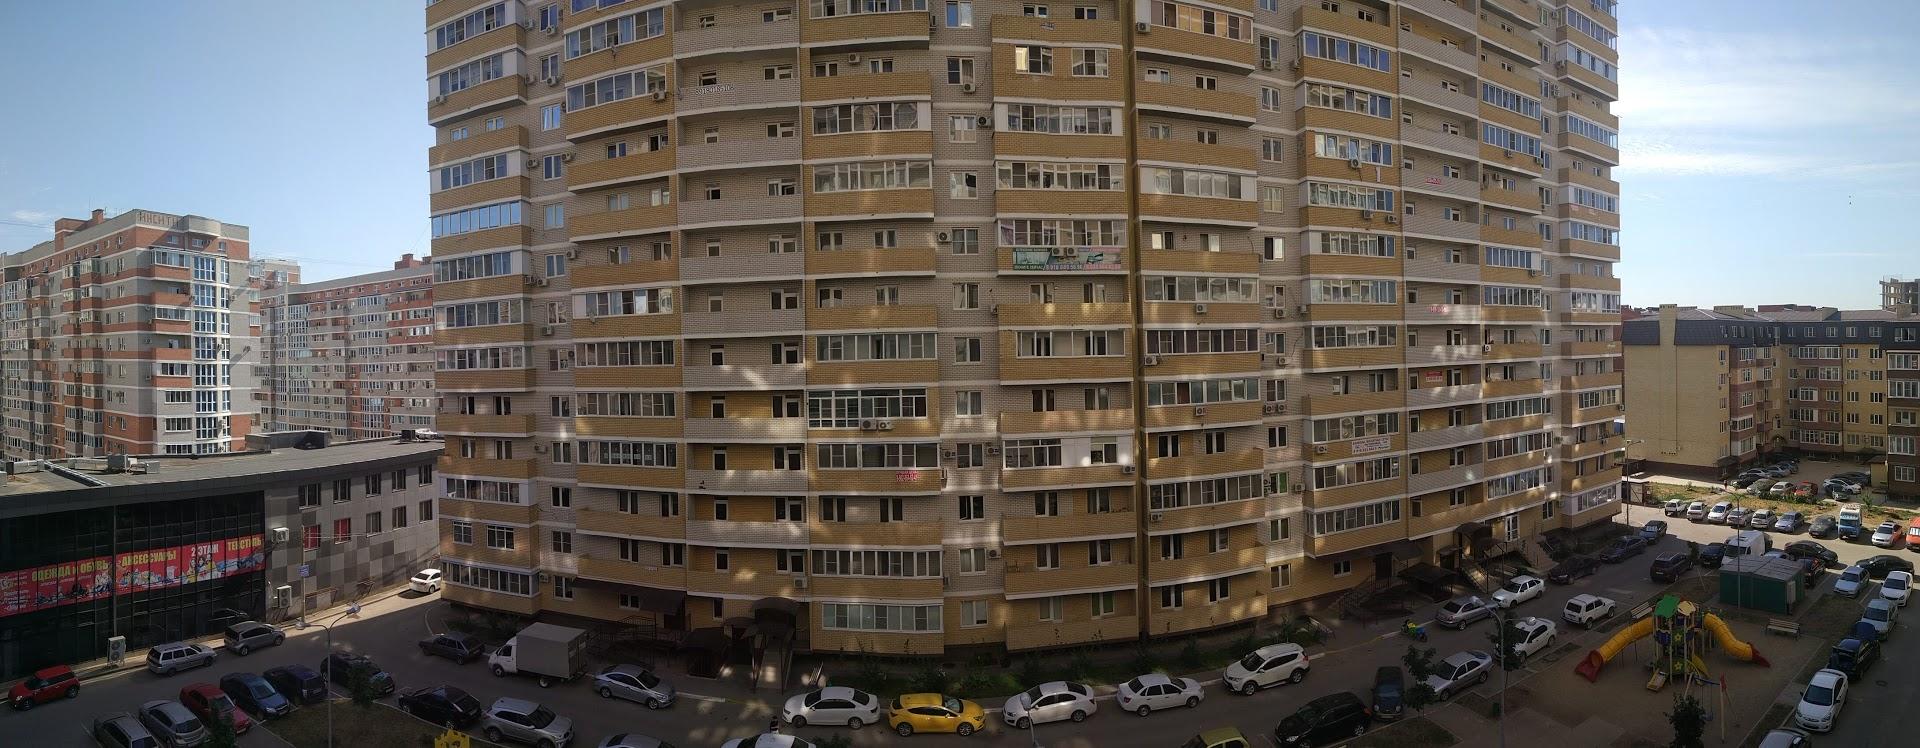 Вид из окна 2.jpg